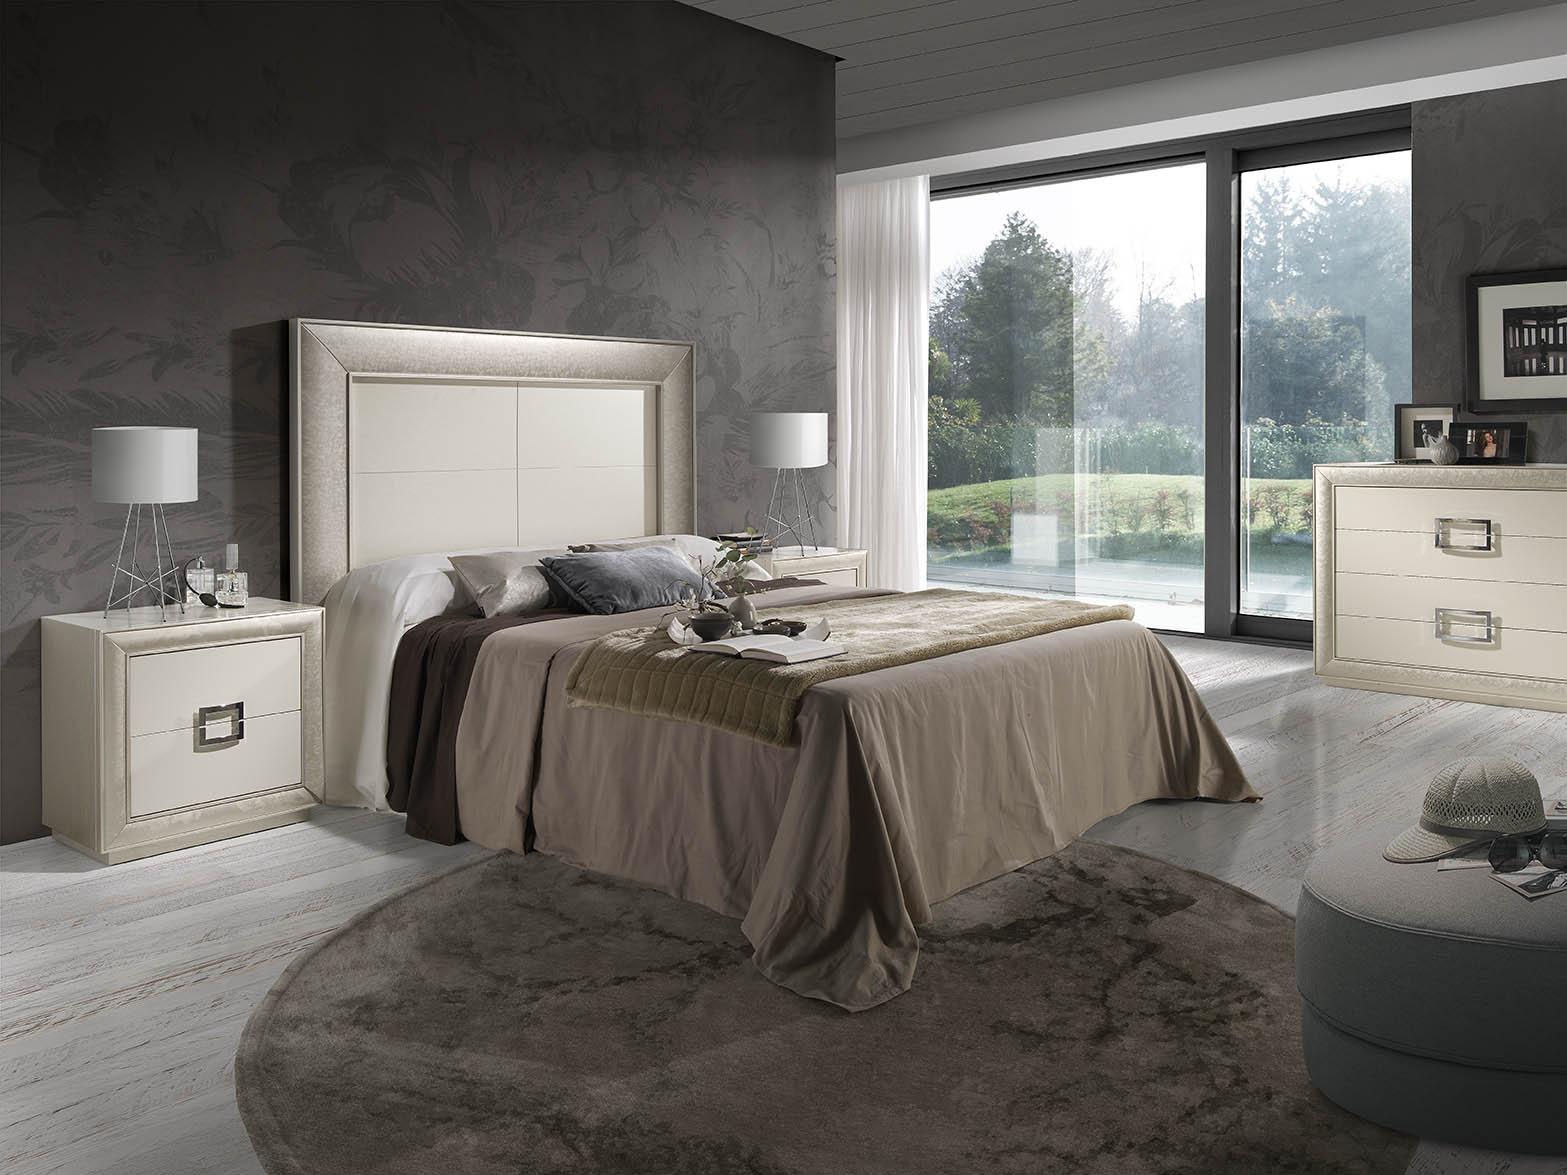 221-dormitorios-s-1